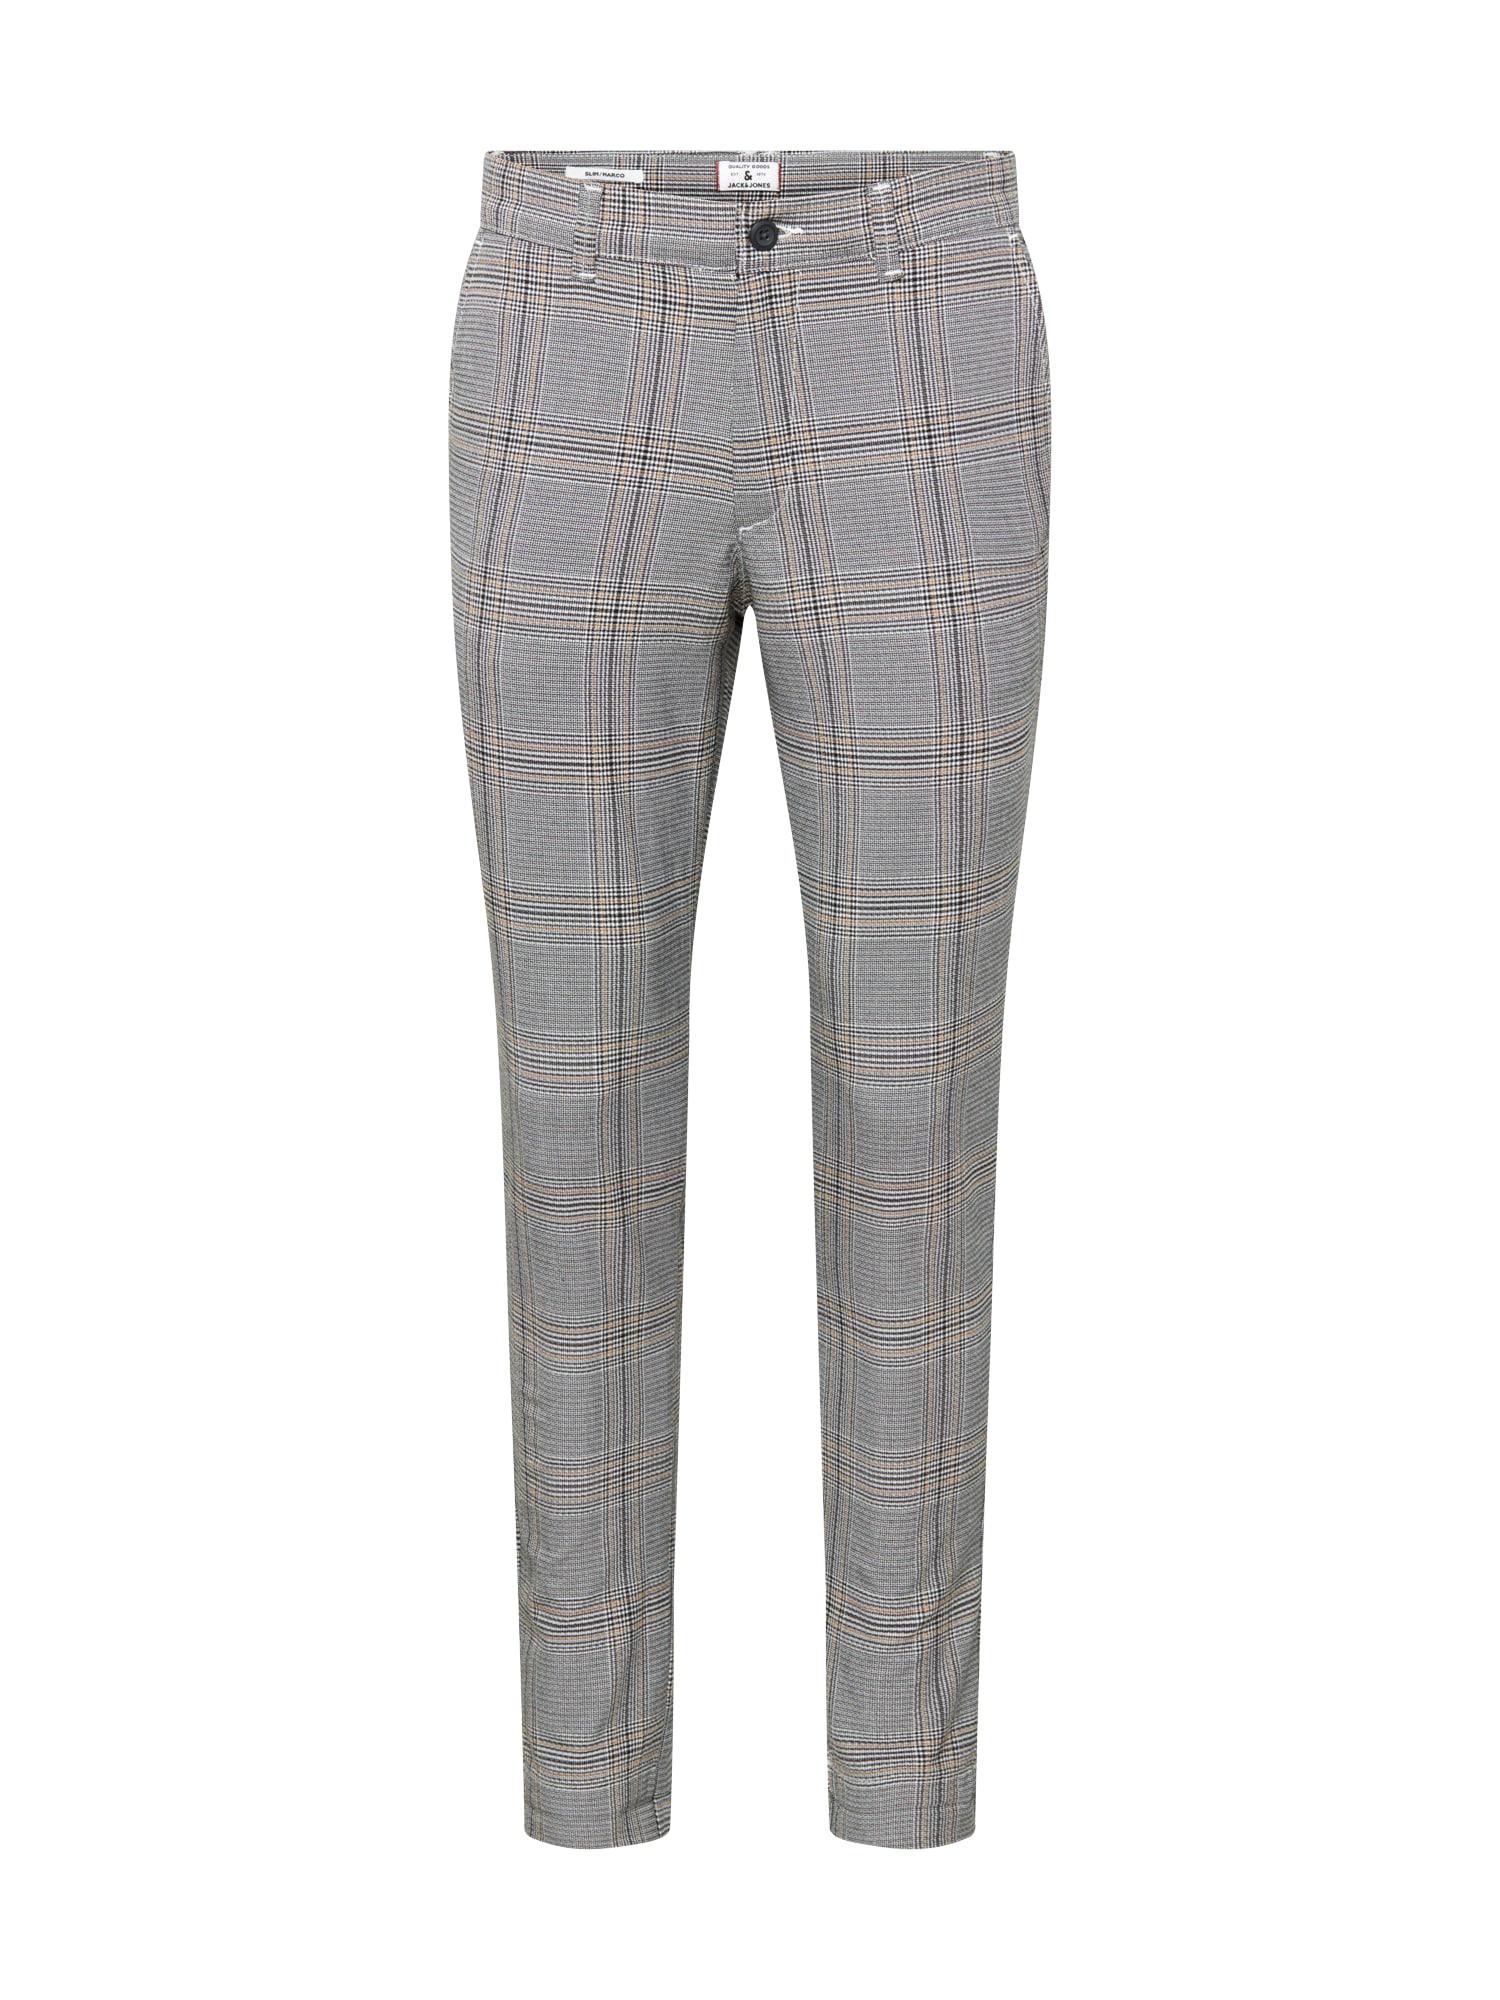 JACK & JONES Chino kalhoty 'Marco Stuart'  bílá / světle béžová / šedá